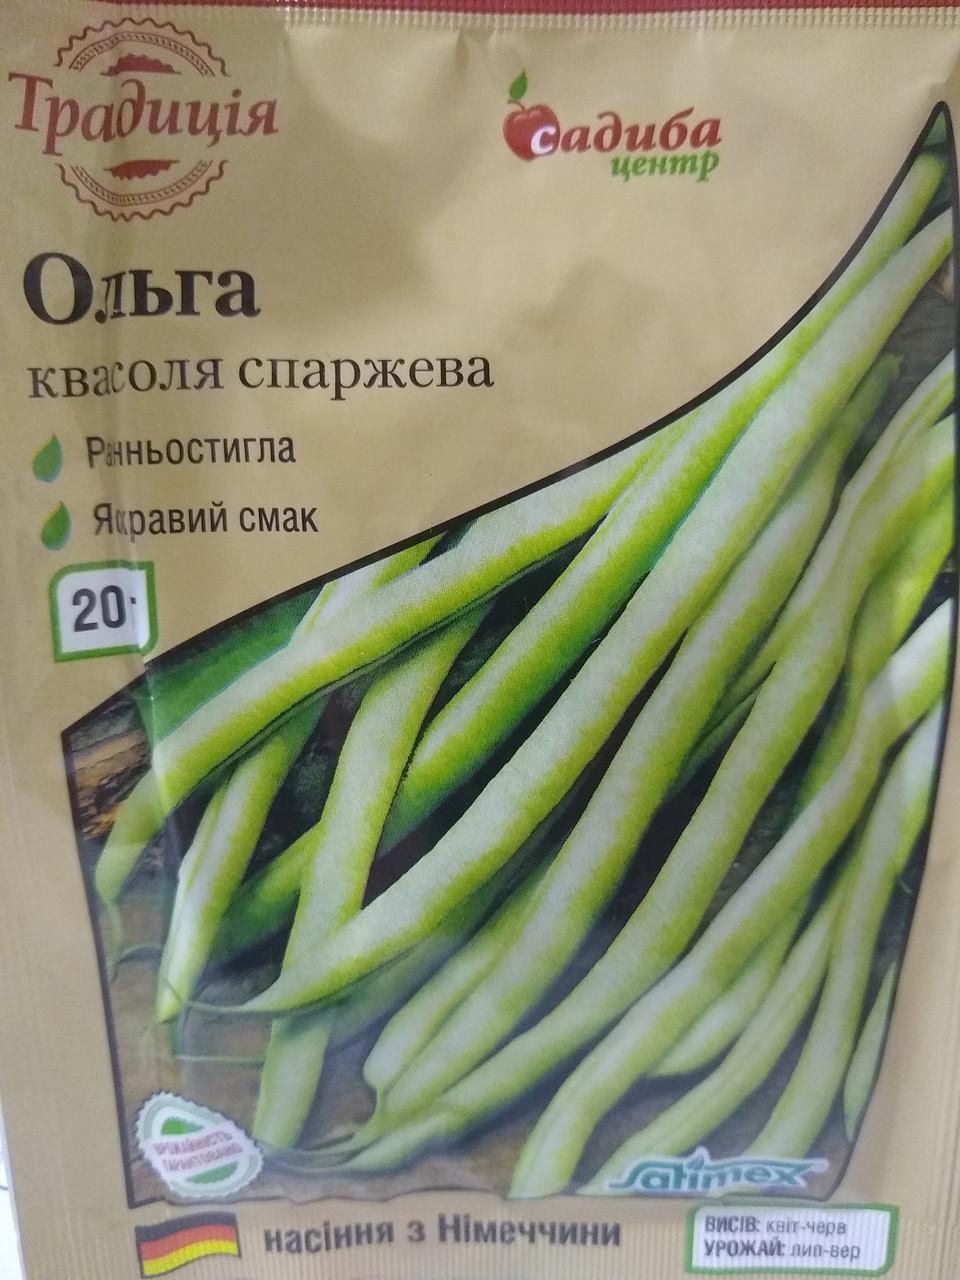 Семена фасоли спаржевой Ольга ранняя зеленая кустовая сорт урожайная Satimex Германия